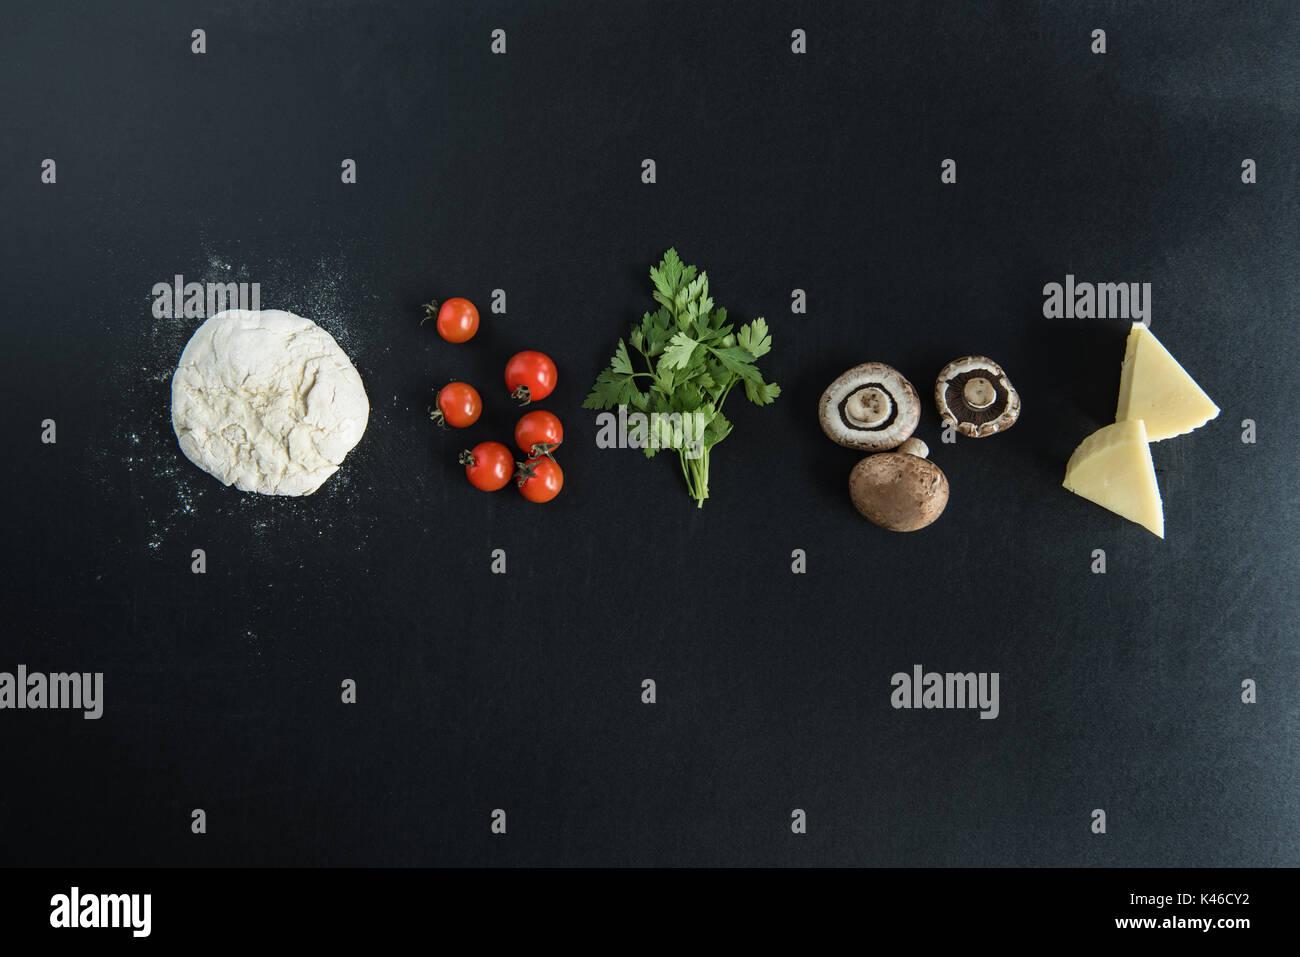 Vue de dessus de la pâte avec les ingrédients pour la préparation de pizza italienne sur la surface sombre Photo Stock